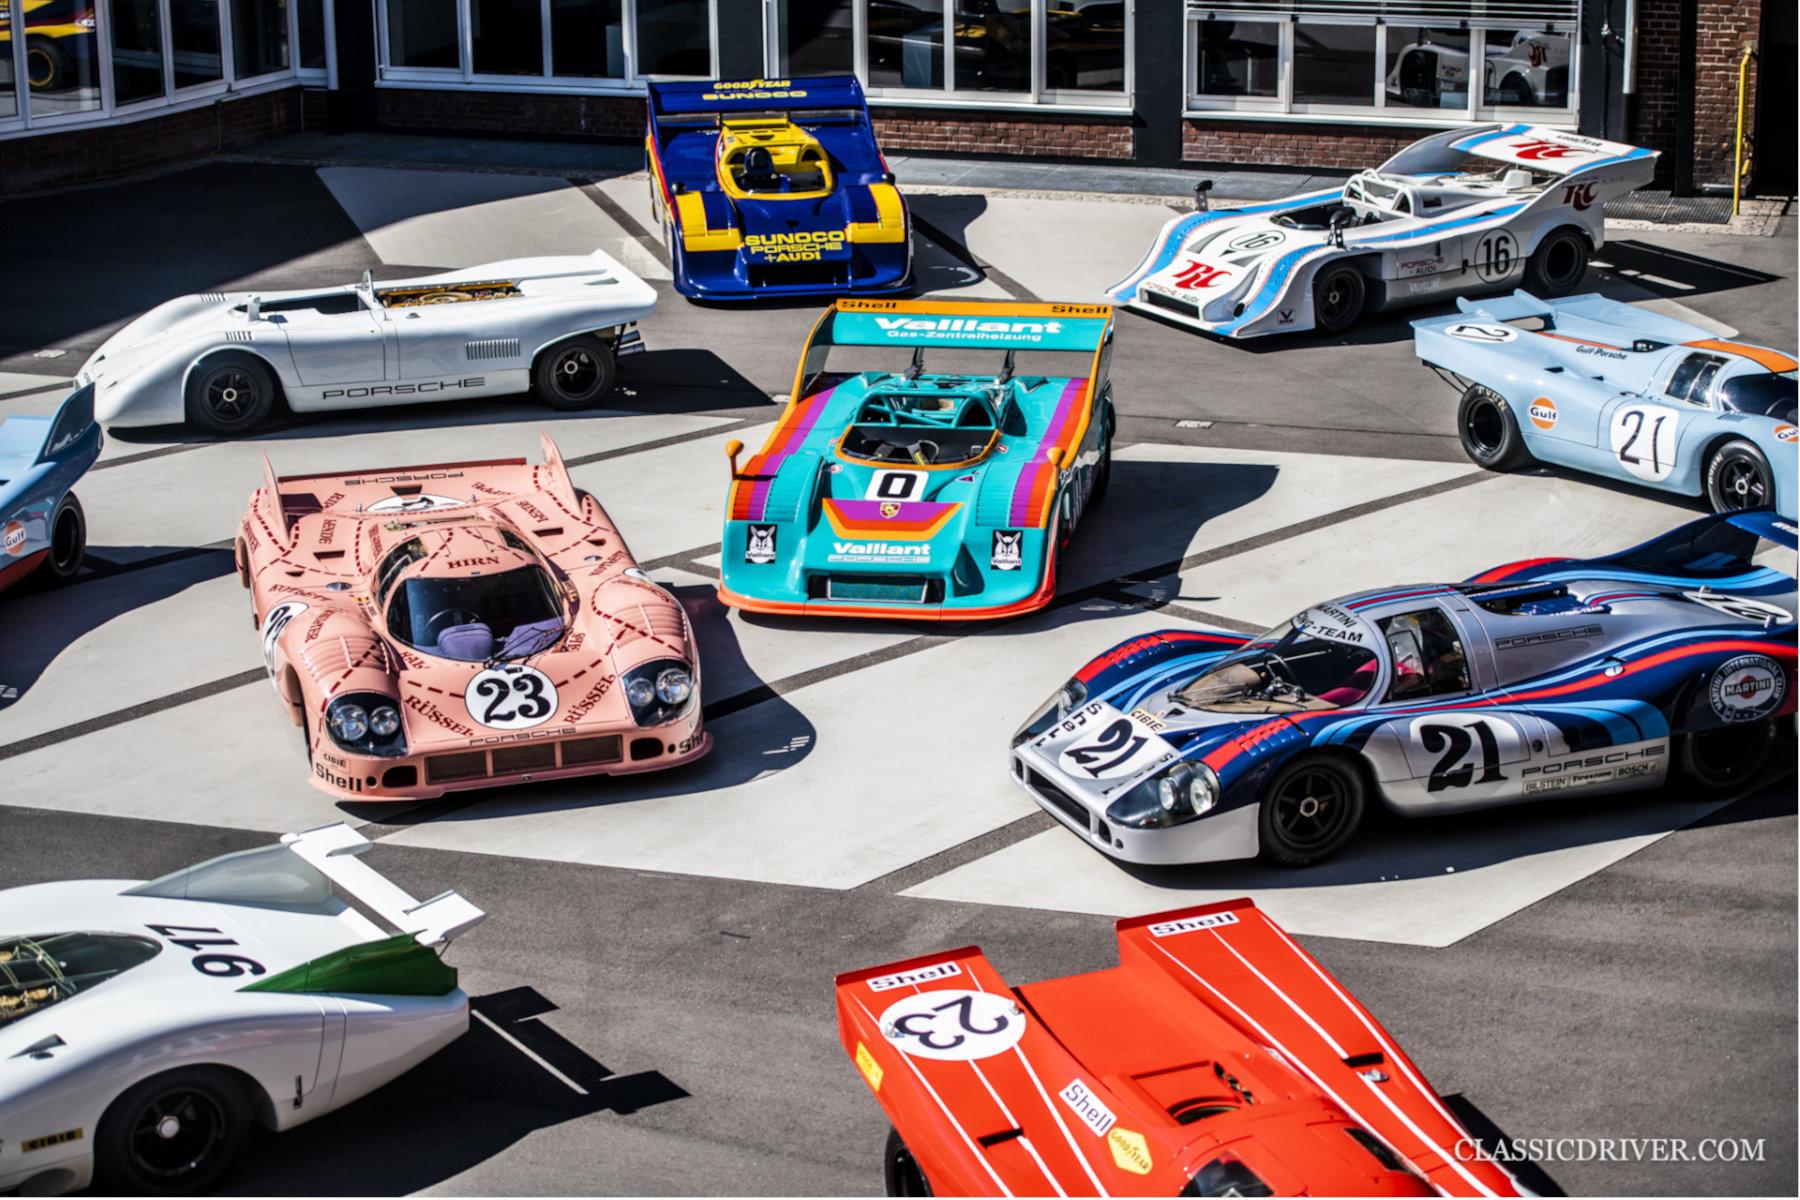 The Porsche 917 family